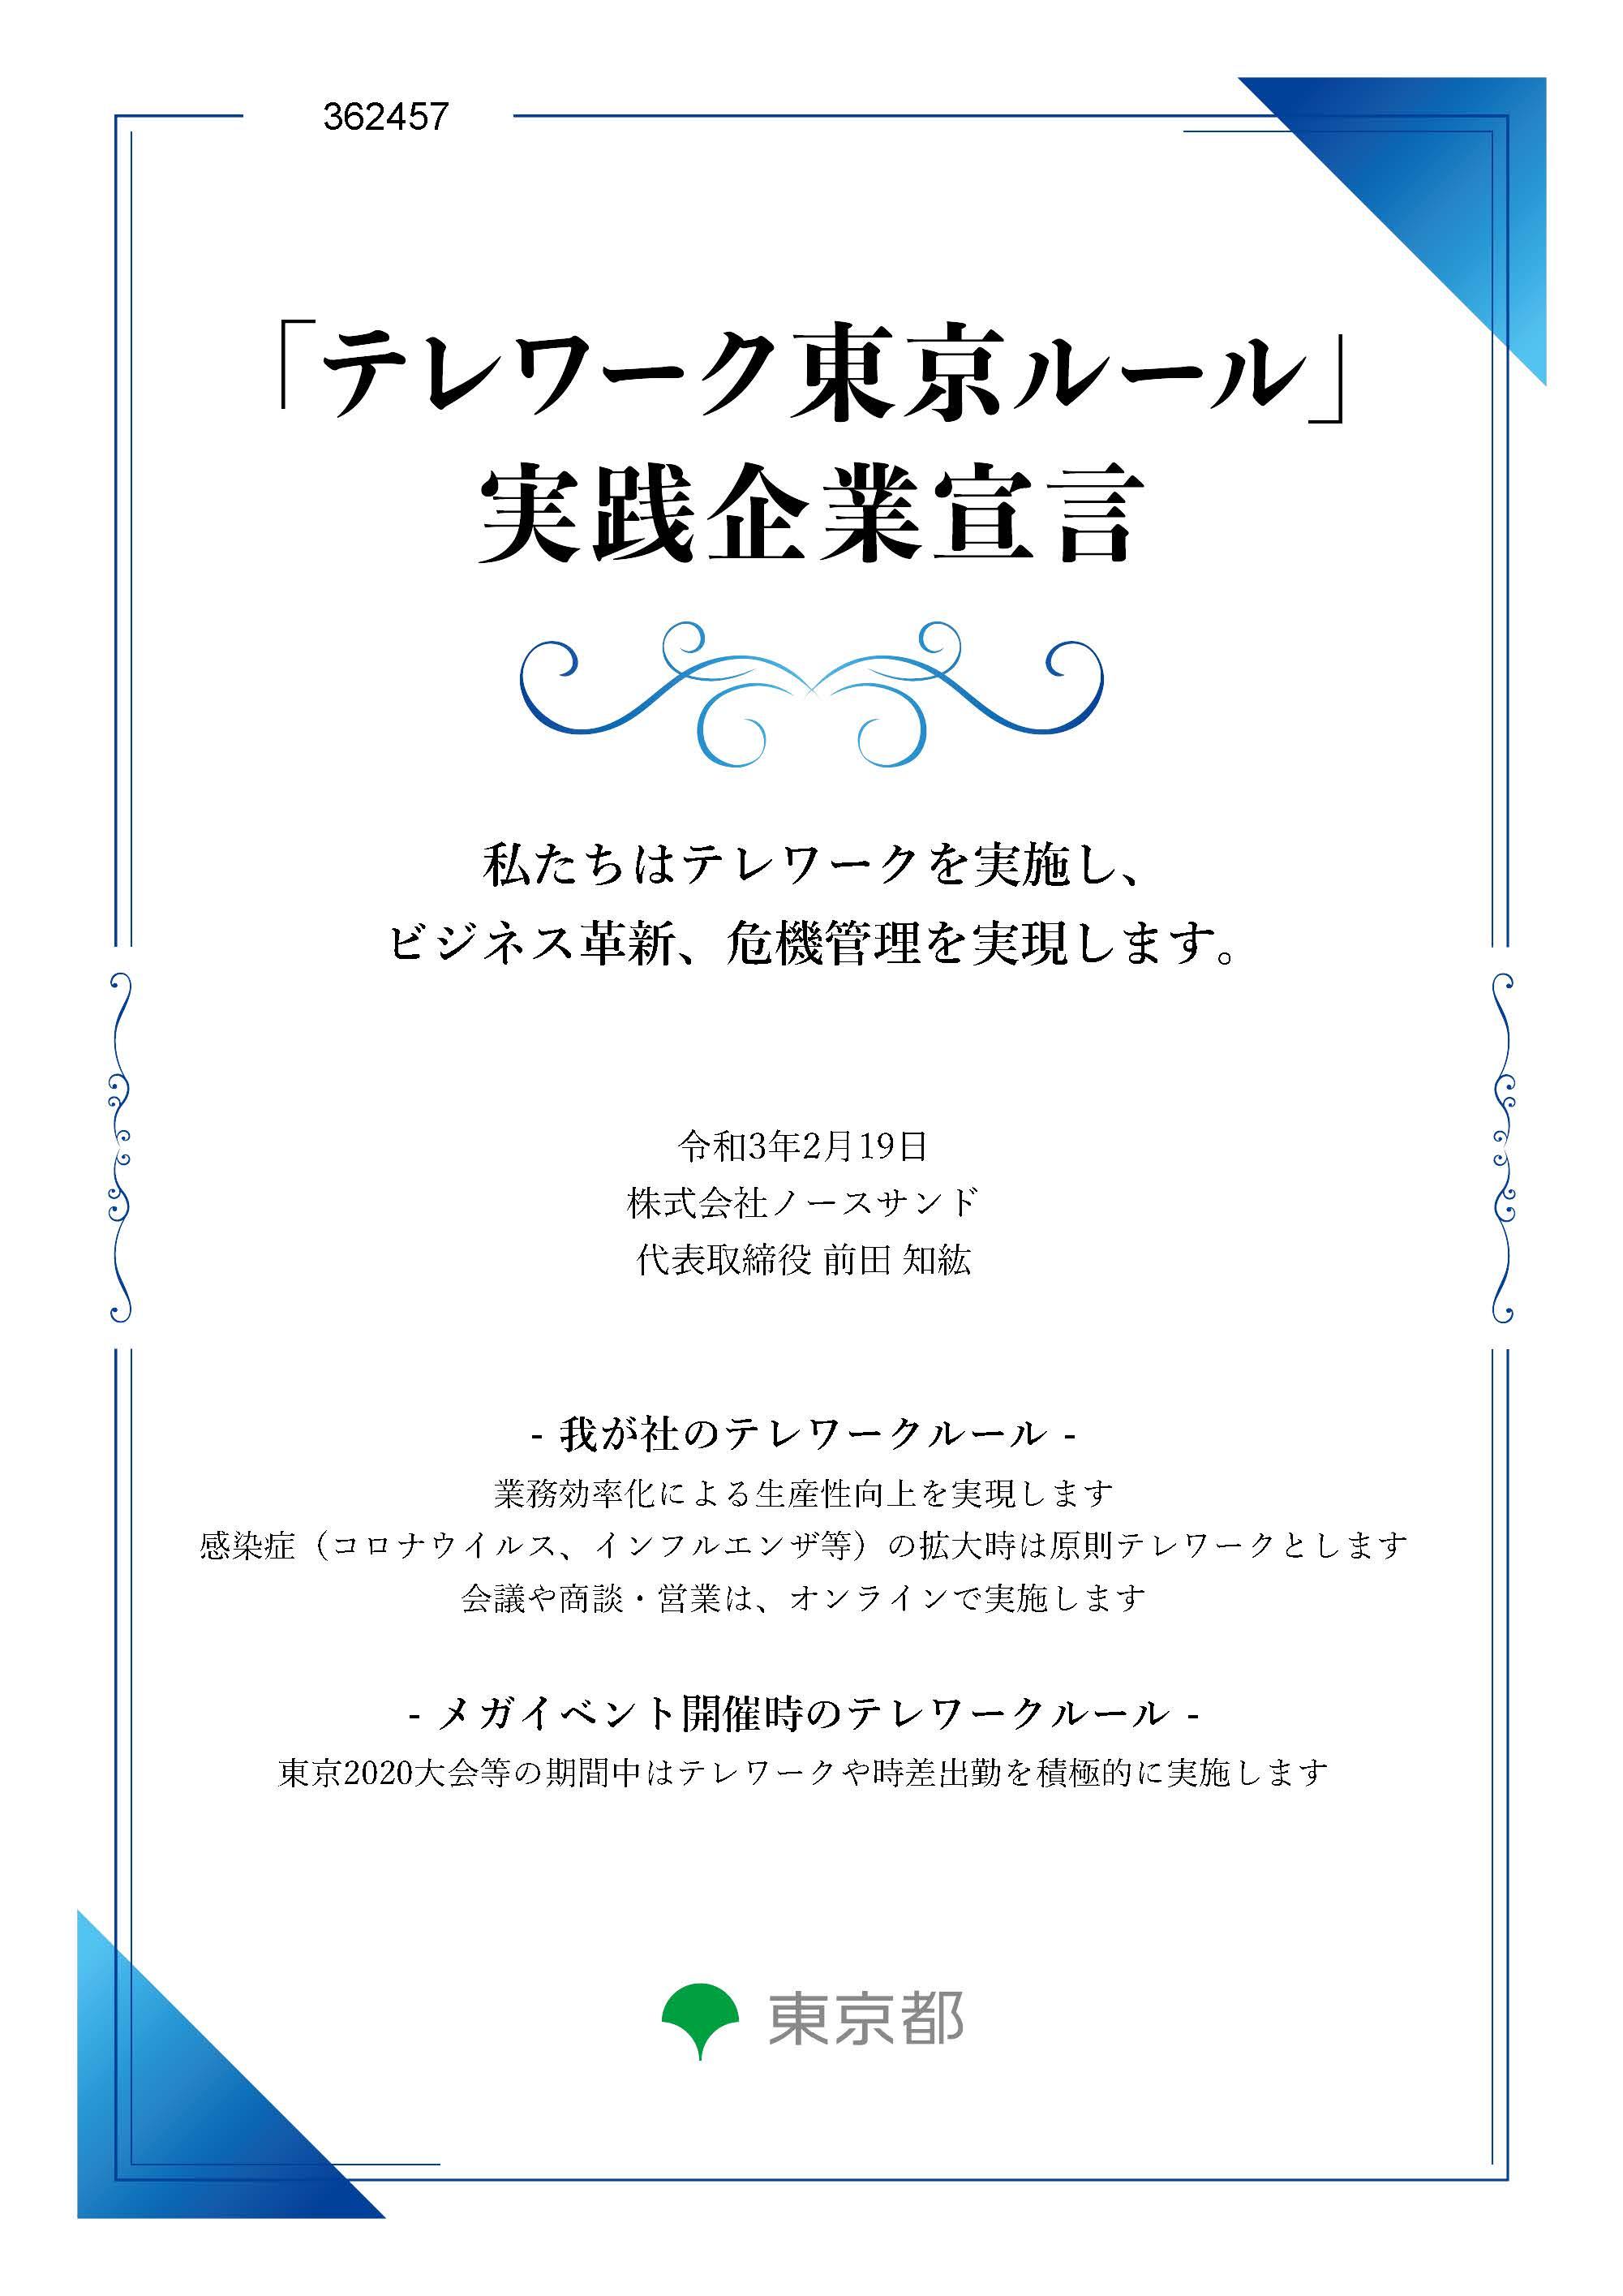 東京都が提唱する「テレワーク東京ルール」の実践企業に認定されました